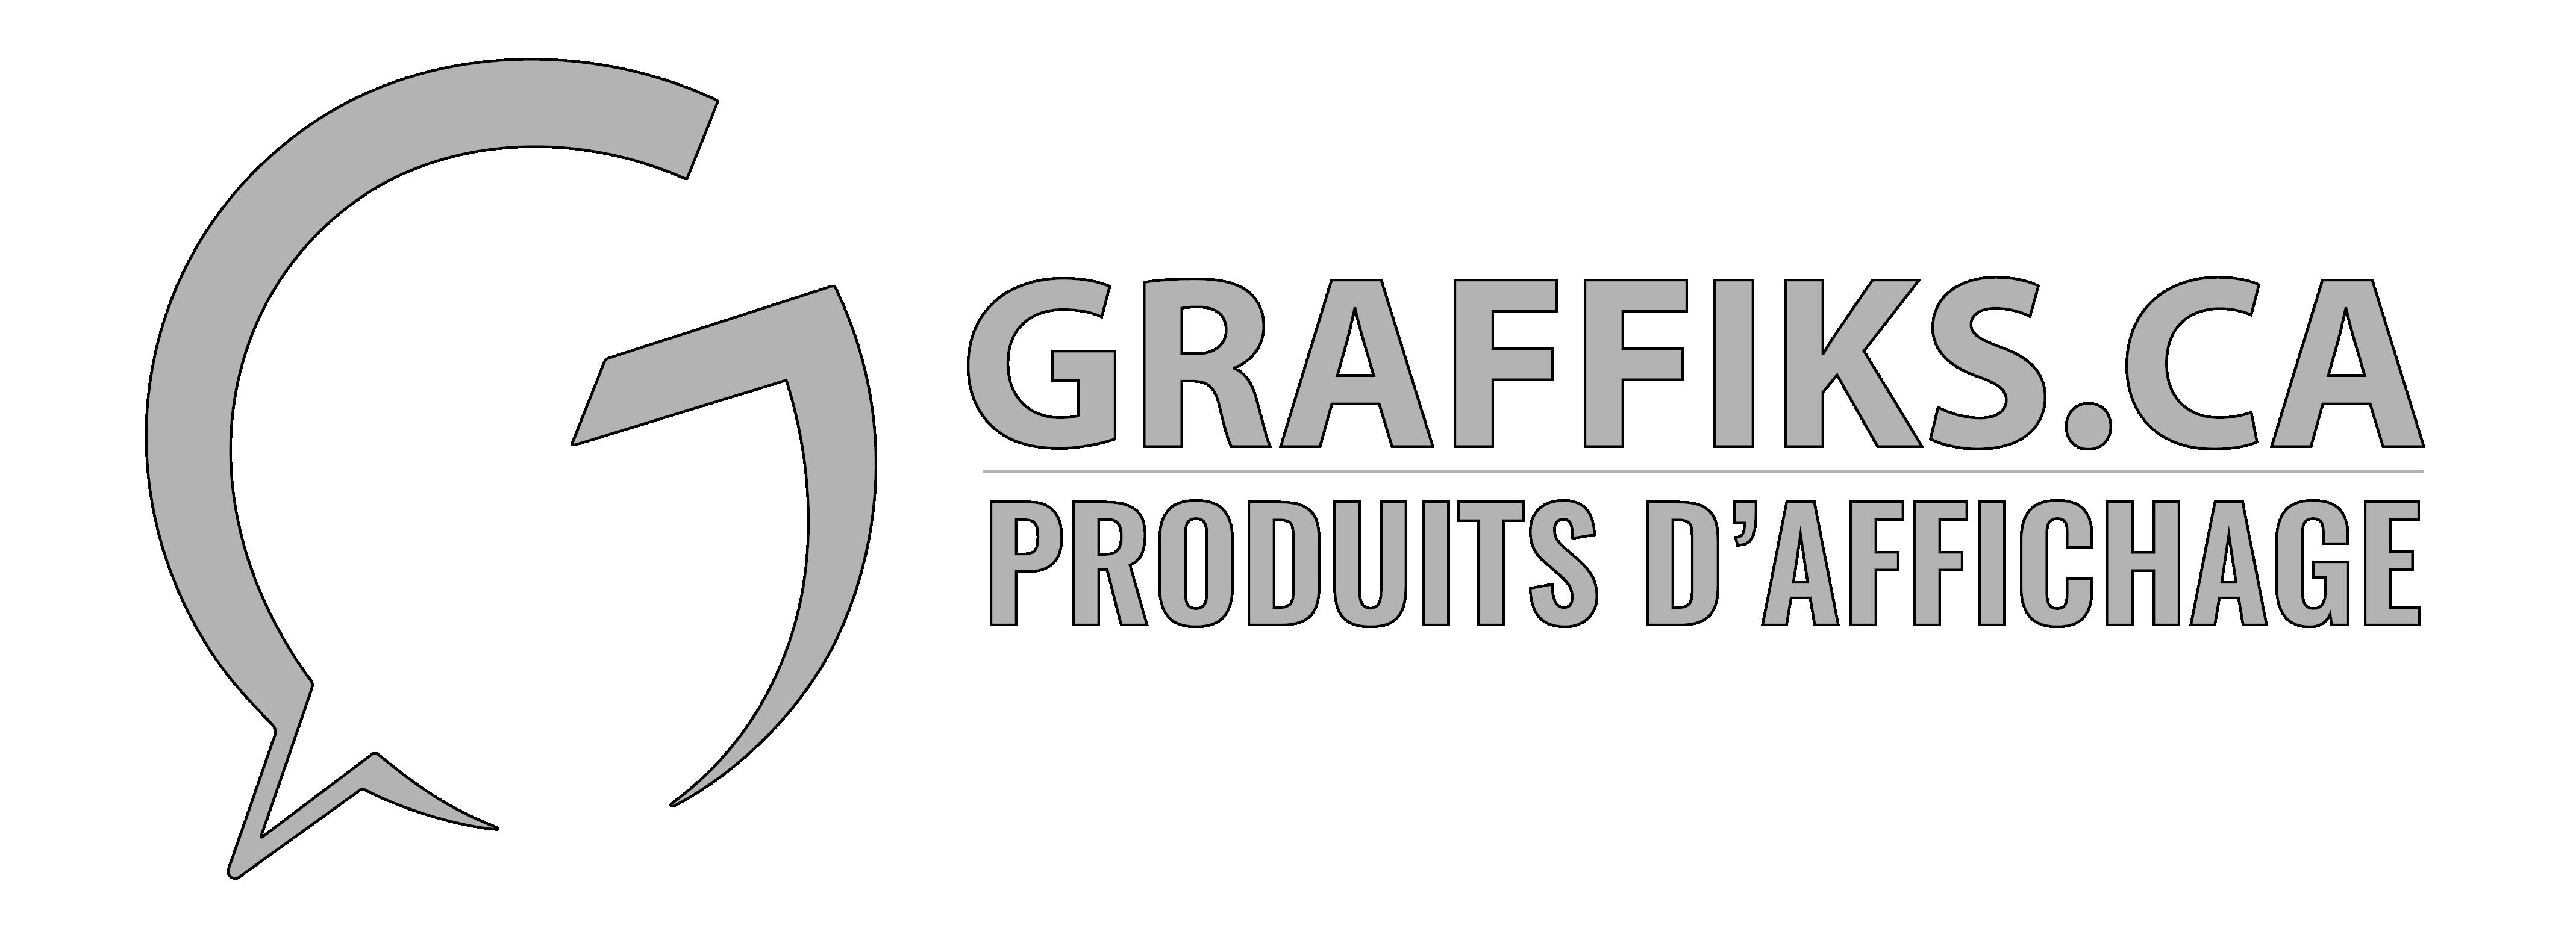 Graffiks.ca logo